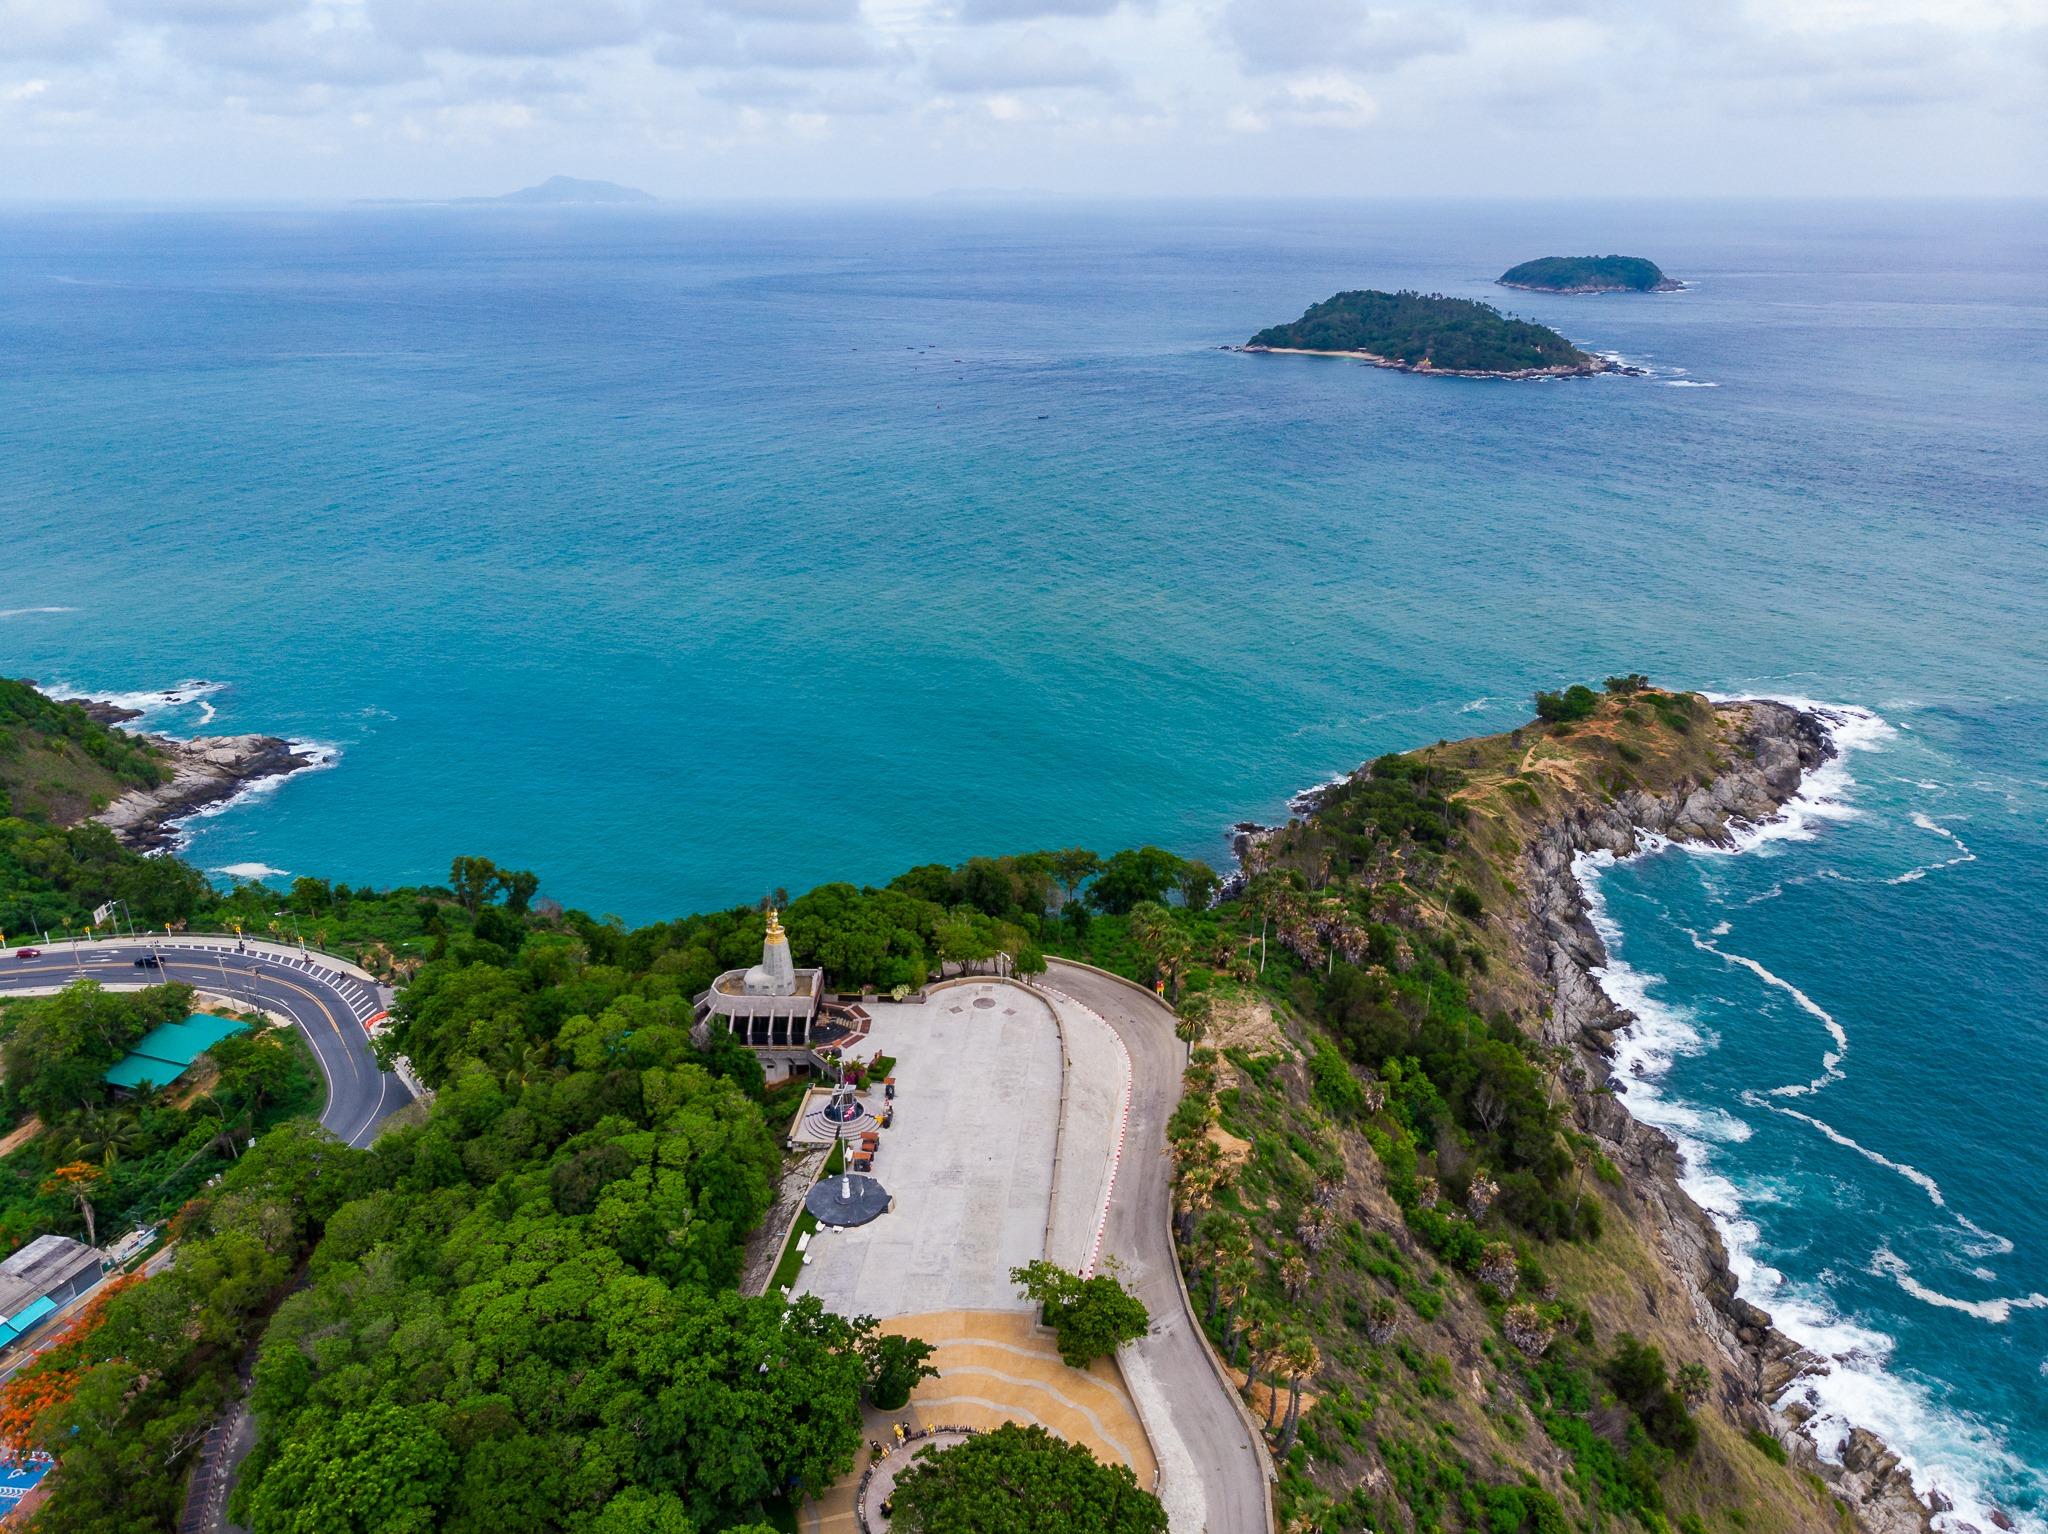 Ayurveda, Wellness, Yoga Retreats, Phuket Thailand, Mangosteen Ayurveda & Wellness Resort, Number 1 Ayurveda Resort in Thailand, Rawai, Phuket.